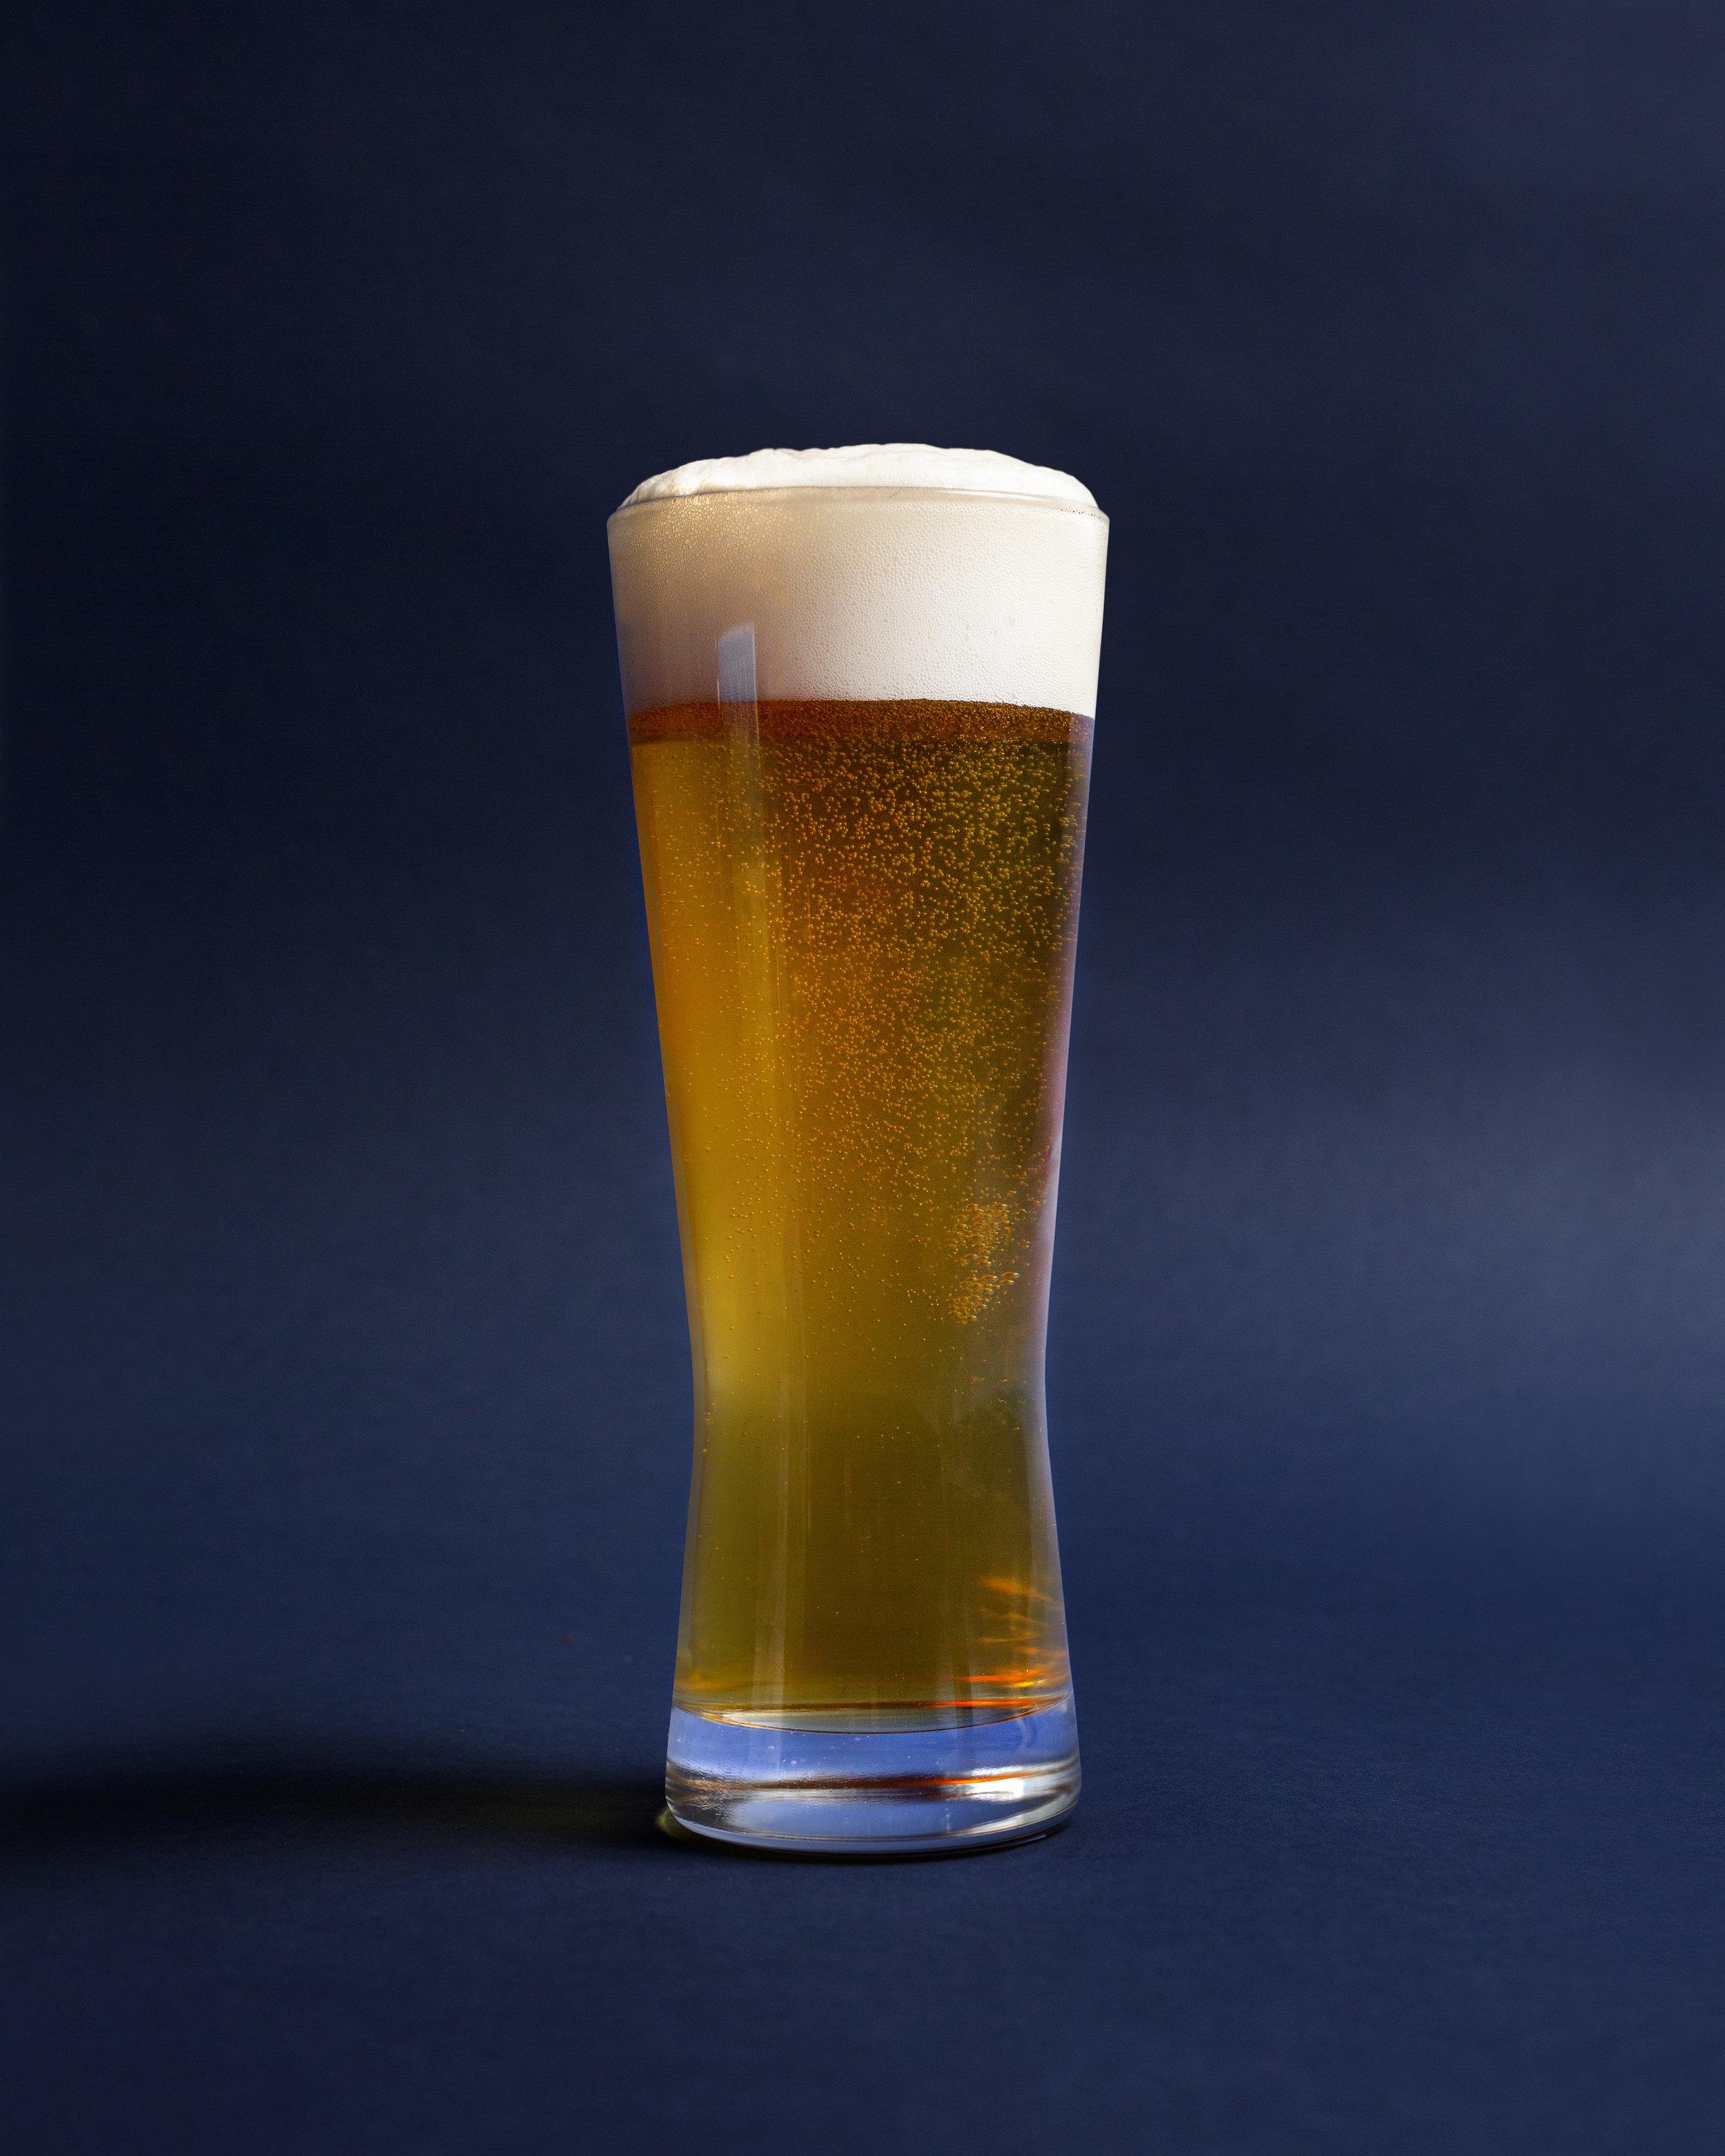 beer5x4.jpg